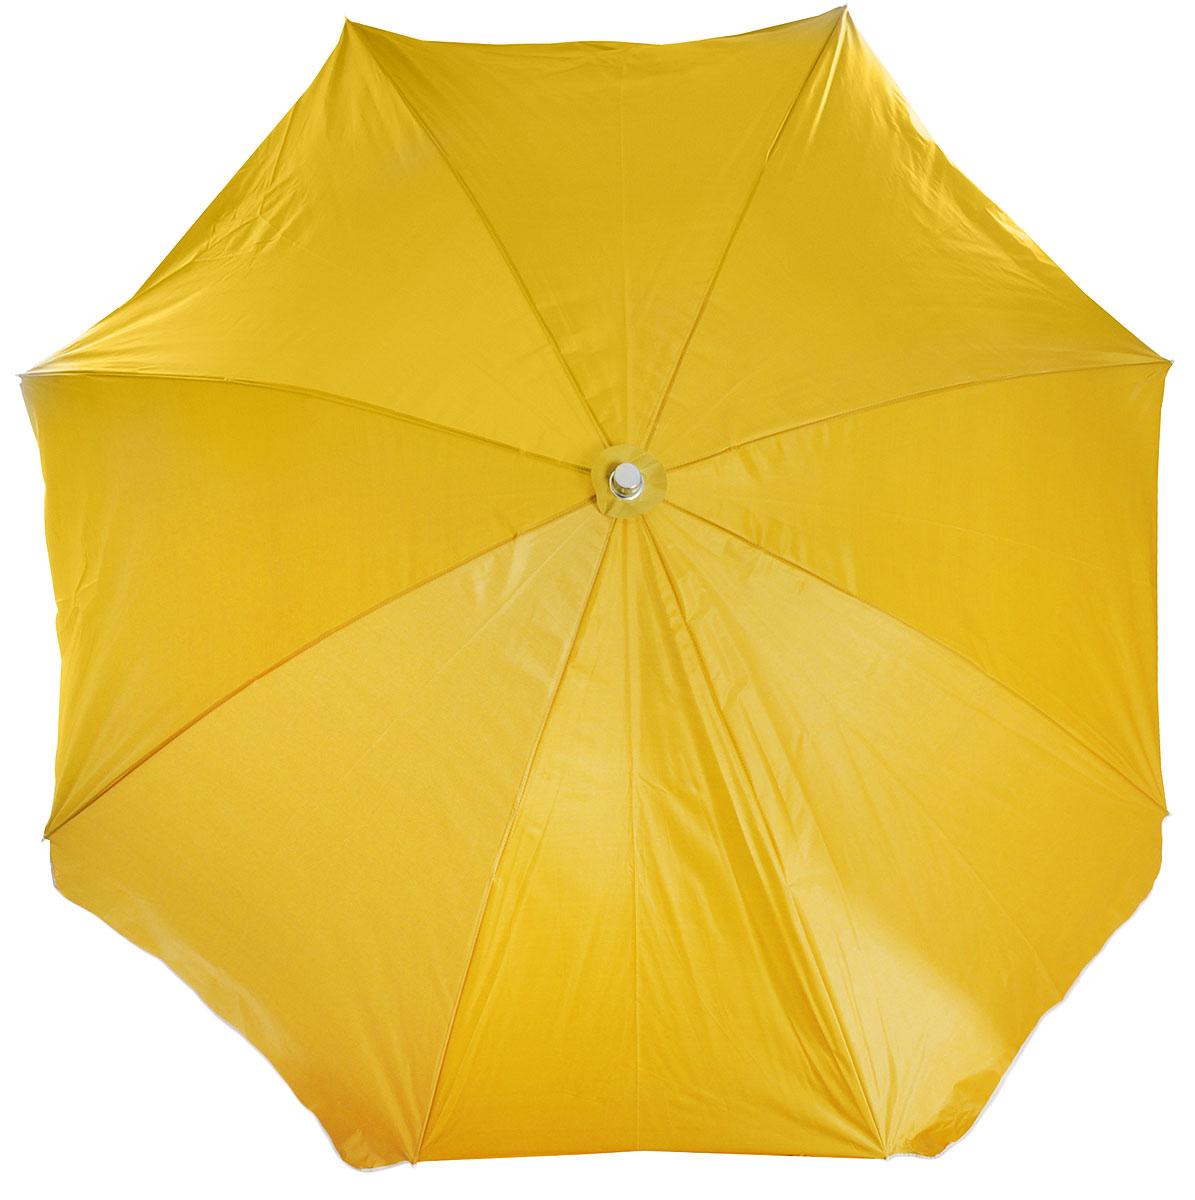 Зонт пляжный Wildman Робинзон, диаметр купола 250 см81-507Собираясь на пляж, на пикник или на дачу, не забудьте взять с собой пляжный зонт Wildman Робинзон. Это простое и очень удобное приспособление, которое просто необходимо на природе. Пляжный зонт способен эффективно защитить вас и ваших близких от палящего солнца. С ним вы сможете провести на природе гораздо больше времени. Пляжный зонт обладает высокой надежностью и функциональностью. Он прост в установке и при этом отличается высокой устойчивостью. Каркас изделия выполнен из прочной стали, купол из высококачественного полиэстера.Диаметр купола: 250 см.Высота зонта: 235 см.